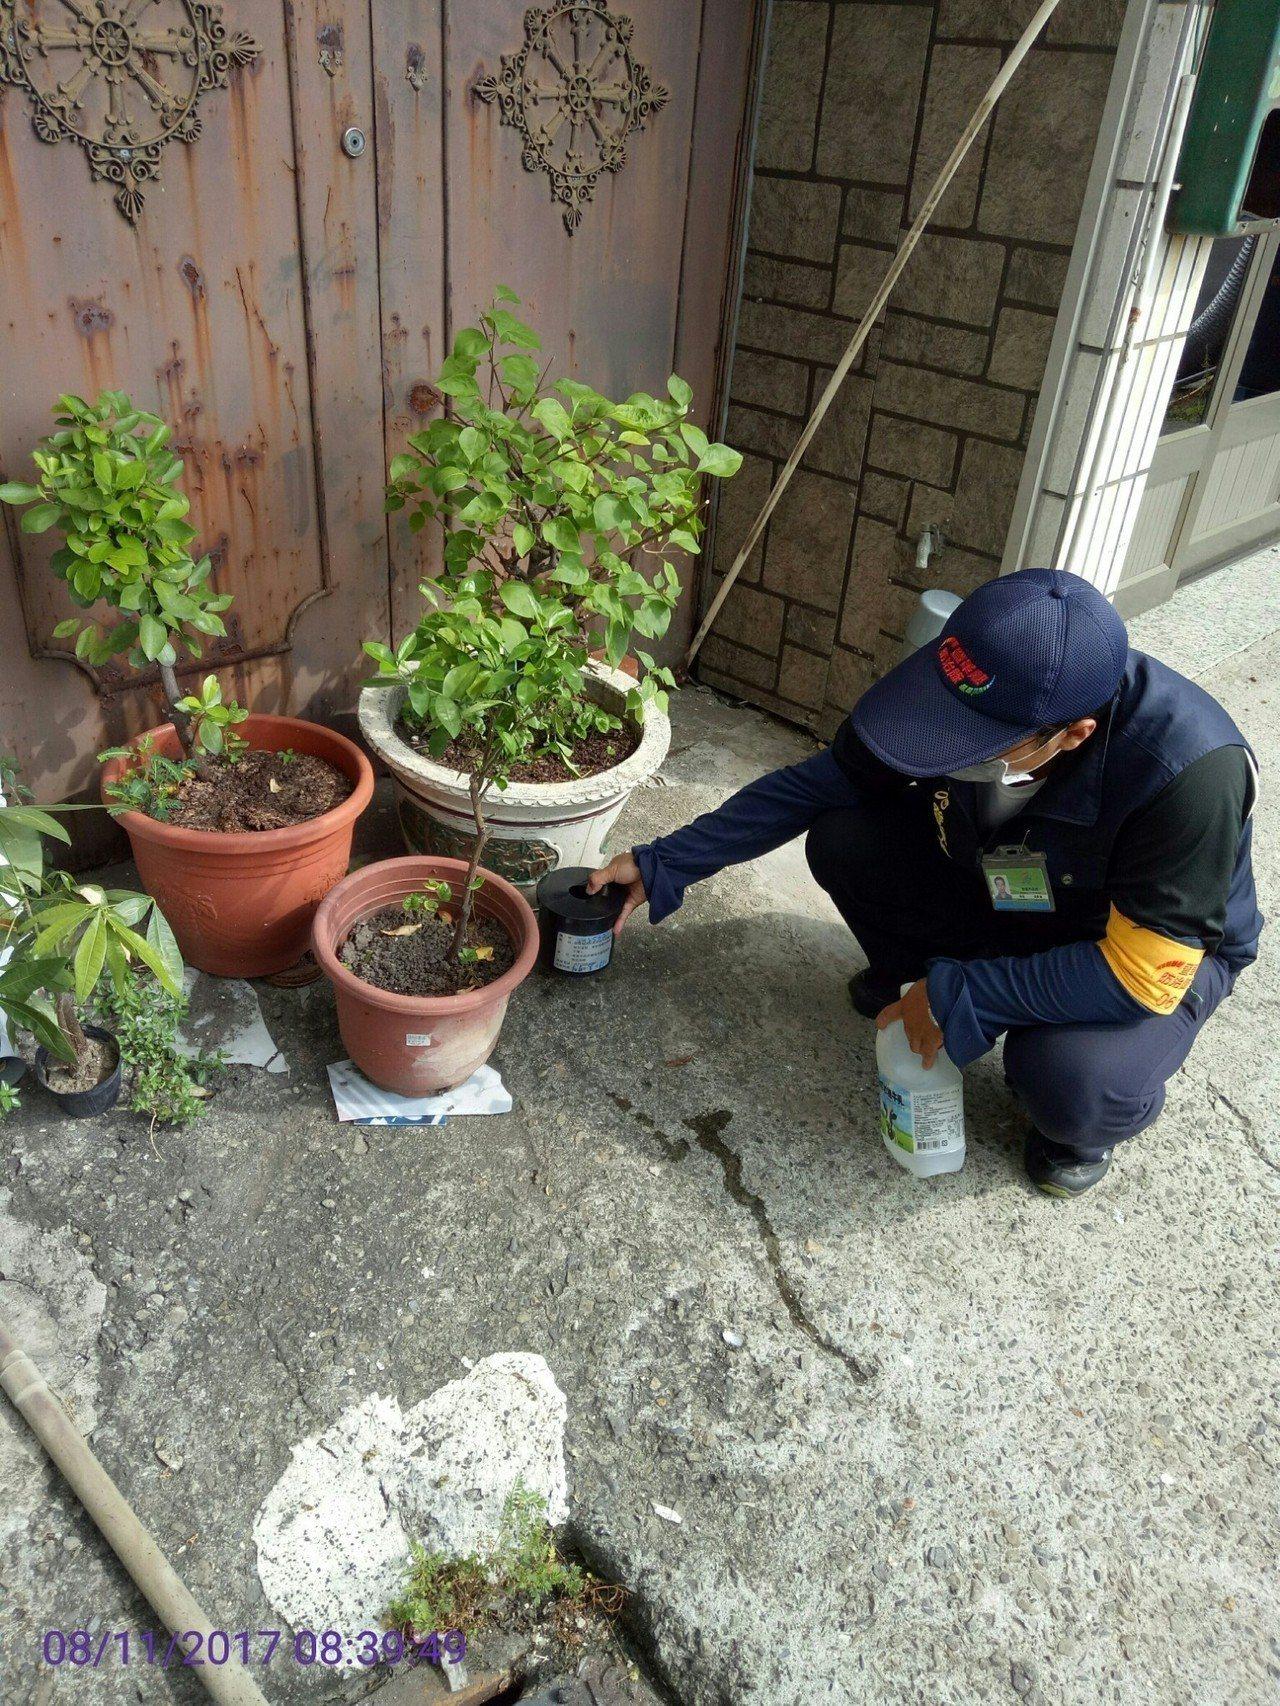 稽查人員在高風險區置放黏蚊桶,進行社區環境病媒密度監測及巡檢。圖/高雄市衛生局提...